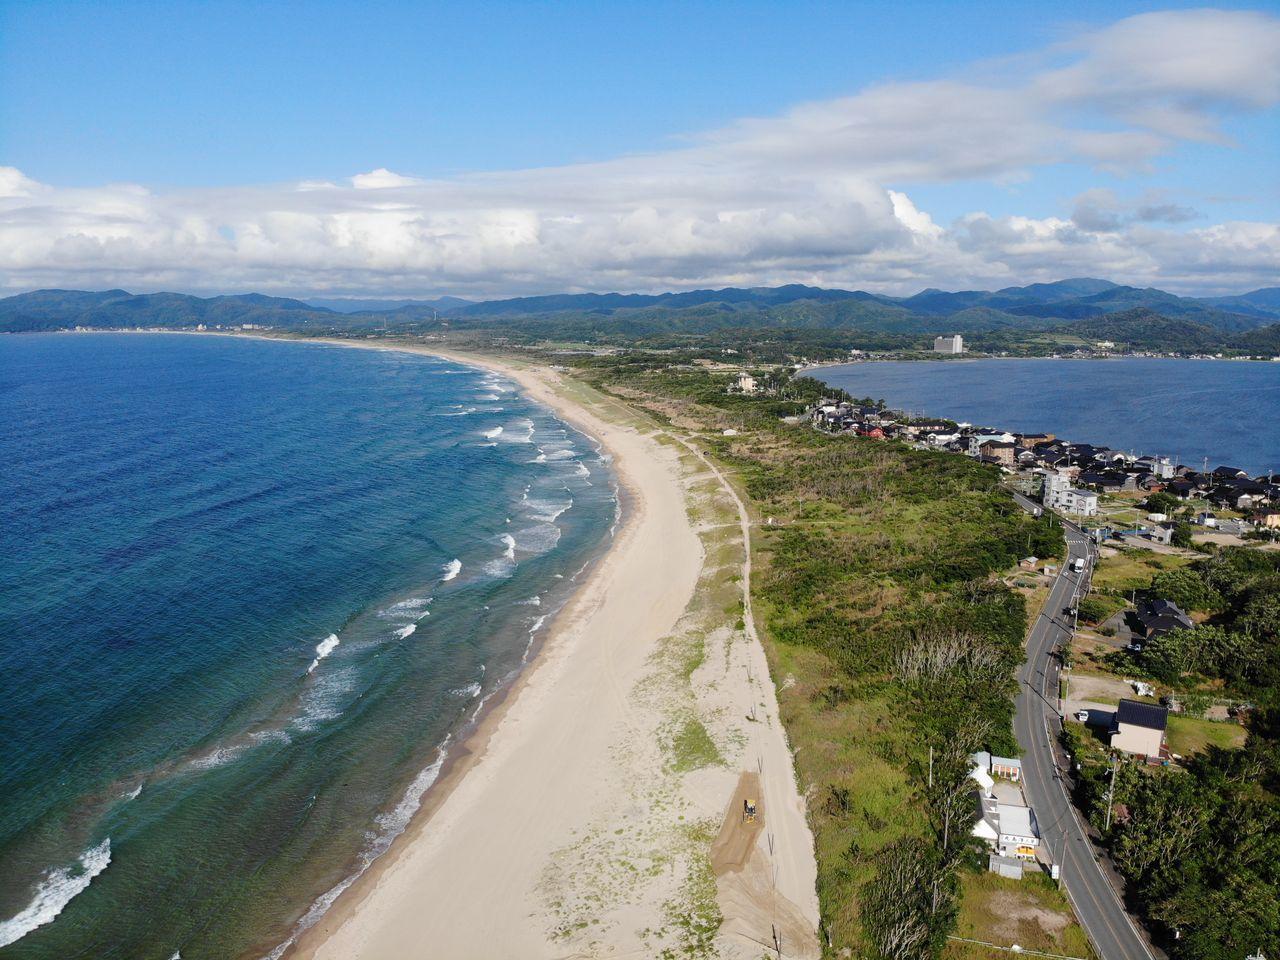 Песчаная коса Сётэнкё, расположенная между Японским морем (слева) и заливом Кумихама (справа), получила своё название «Малая небесная лестница» благодаря сходству с другой песчаной косой, Аманохасидатэ, «Небесной лестницей» (фотография: PIXTA)